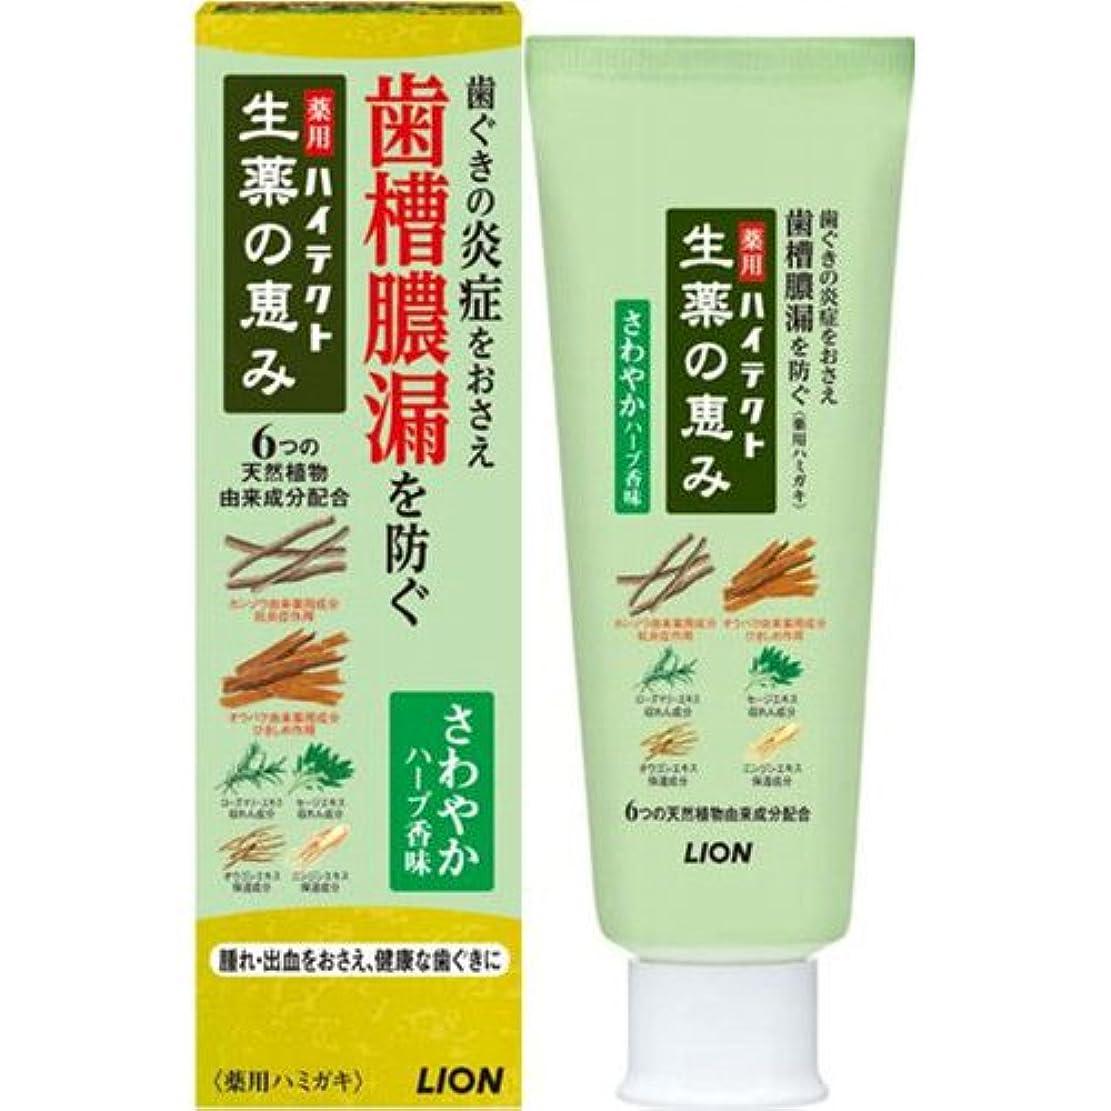 決済スカーフ効率【ライオン】ハイテクト 生薬の恵み さわやかハーブ香味 90g ×3個セット